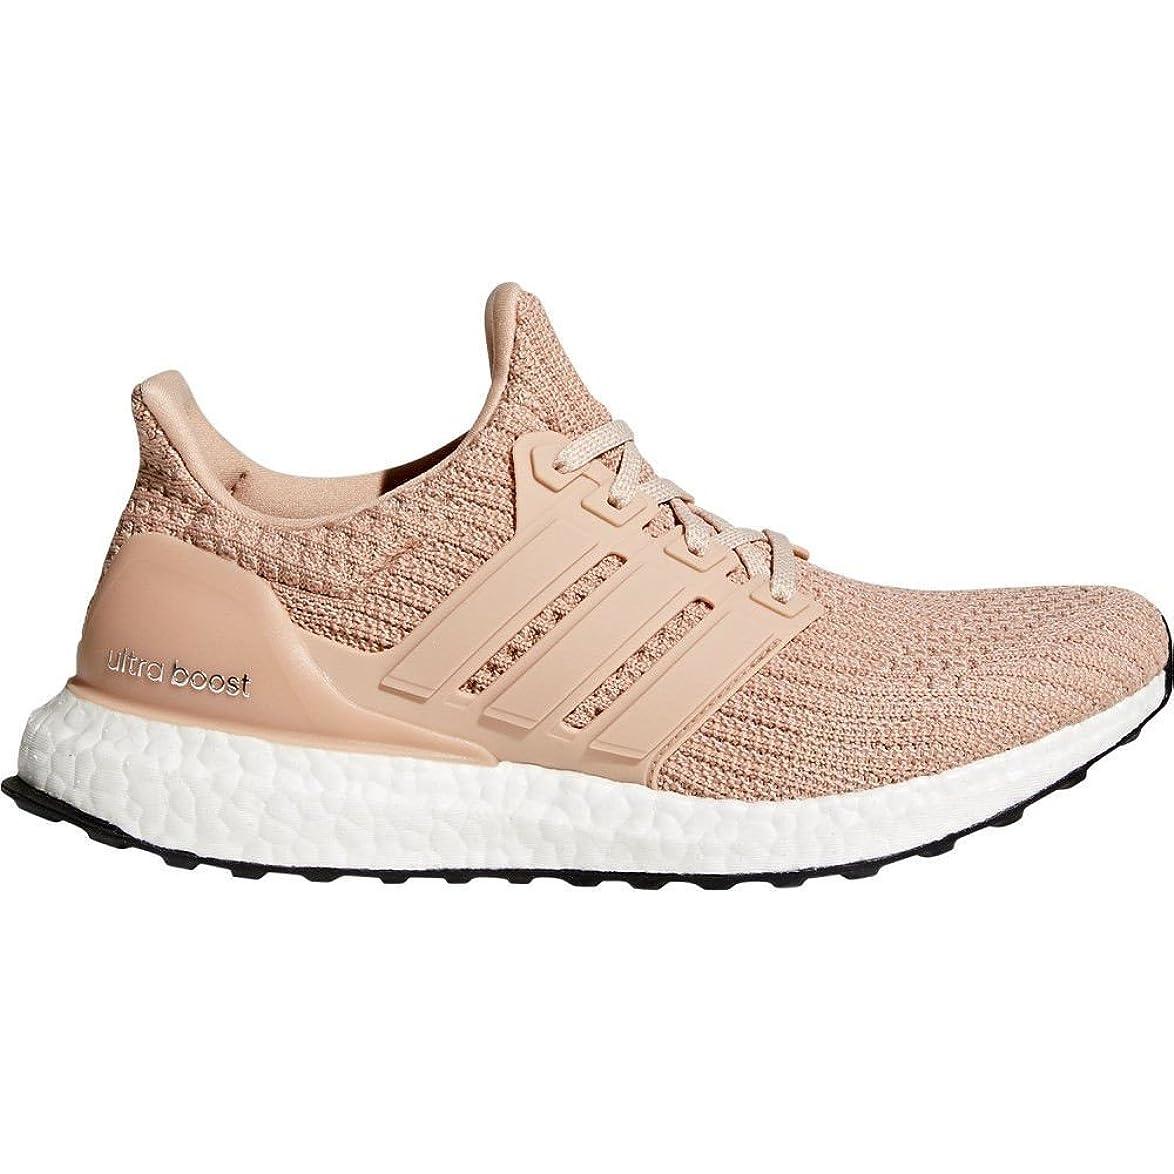 気まぐれな人生を作るねじれ(アディダス) adidas レディース ランニング?ウォーキング シューズ?靴 Ultra Boost Running Shoes [並行輸入品]